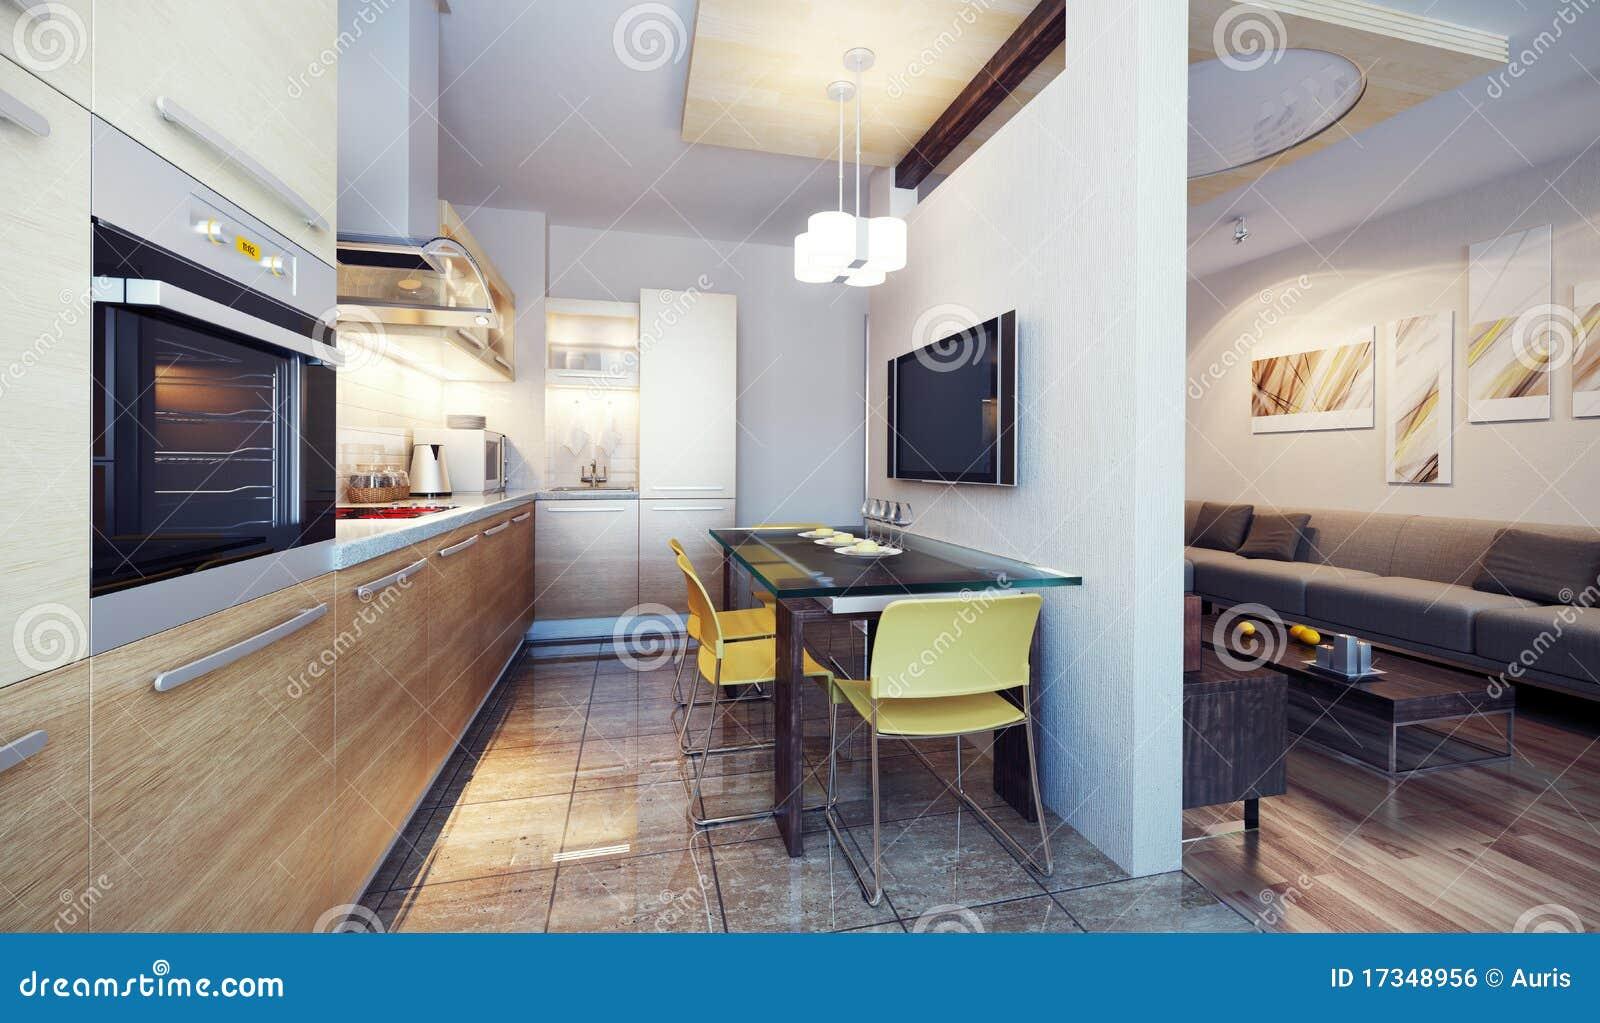 La cuisine moderne 3d intérieur rendent